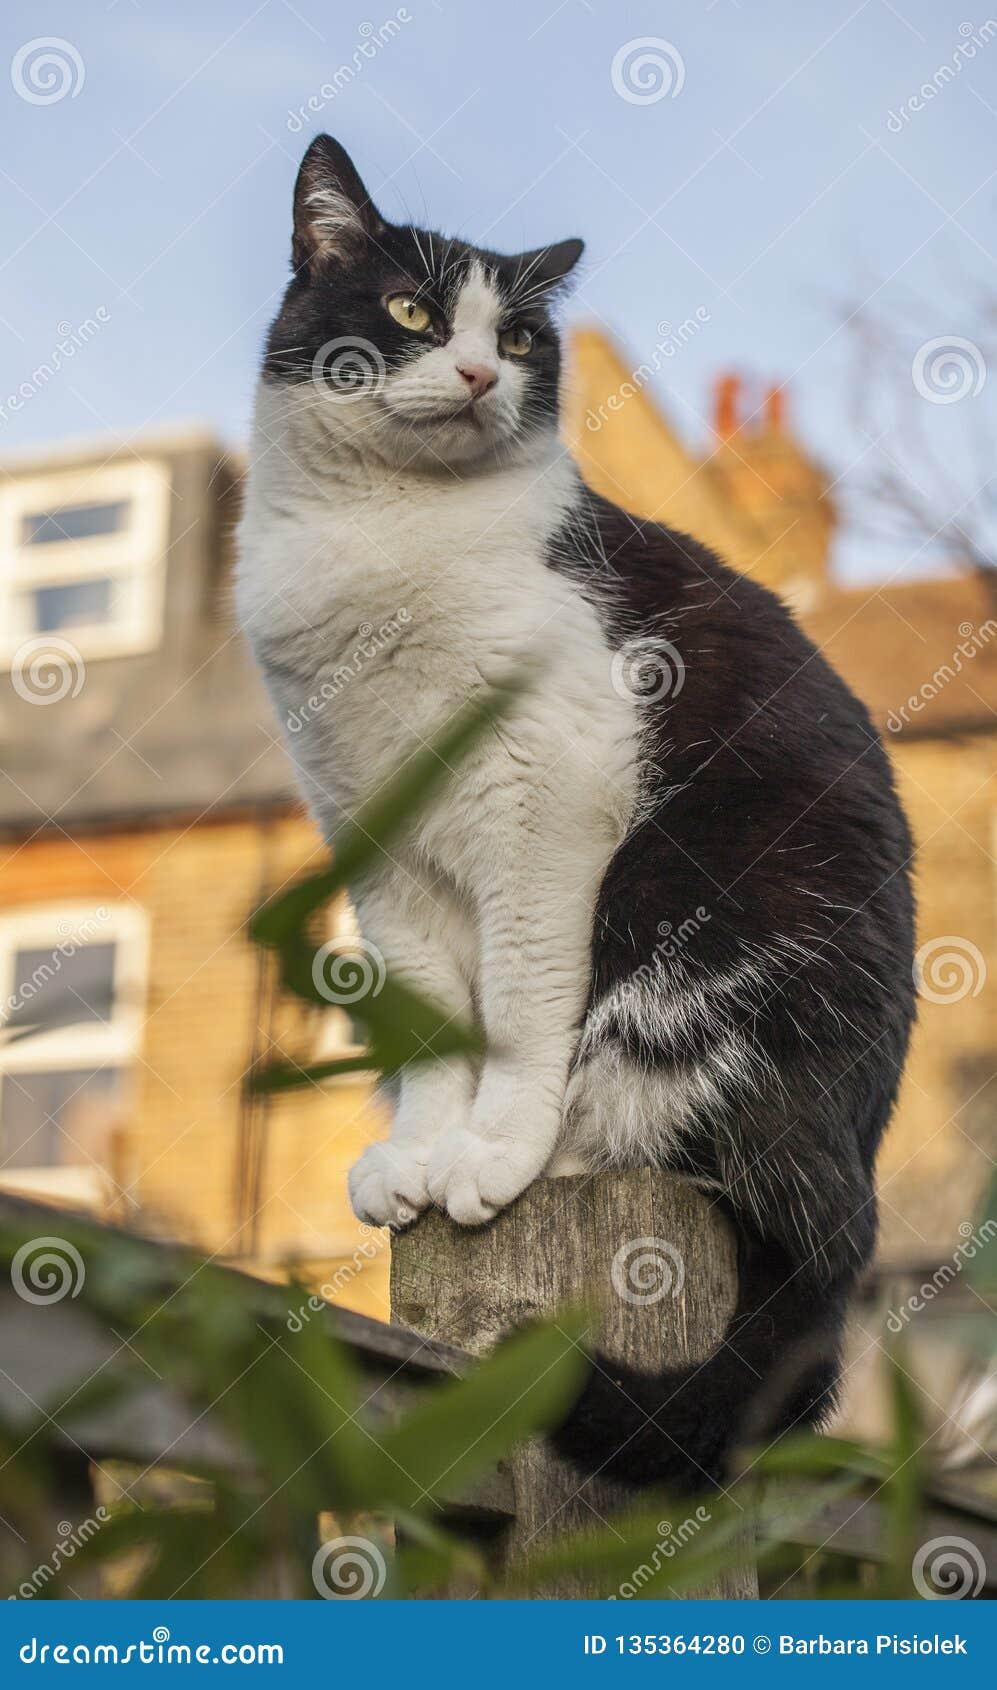 London England - en vit och svart fluffig katt som sitter på ett staket